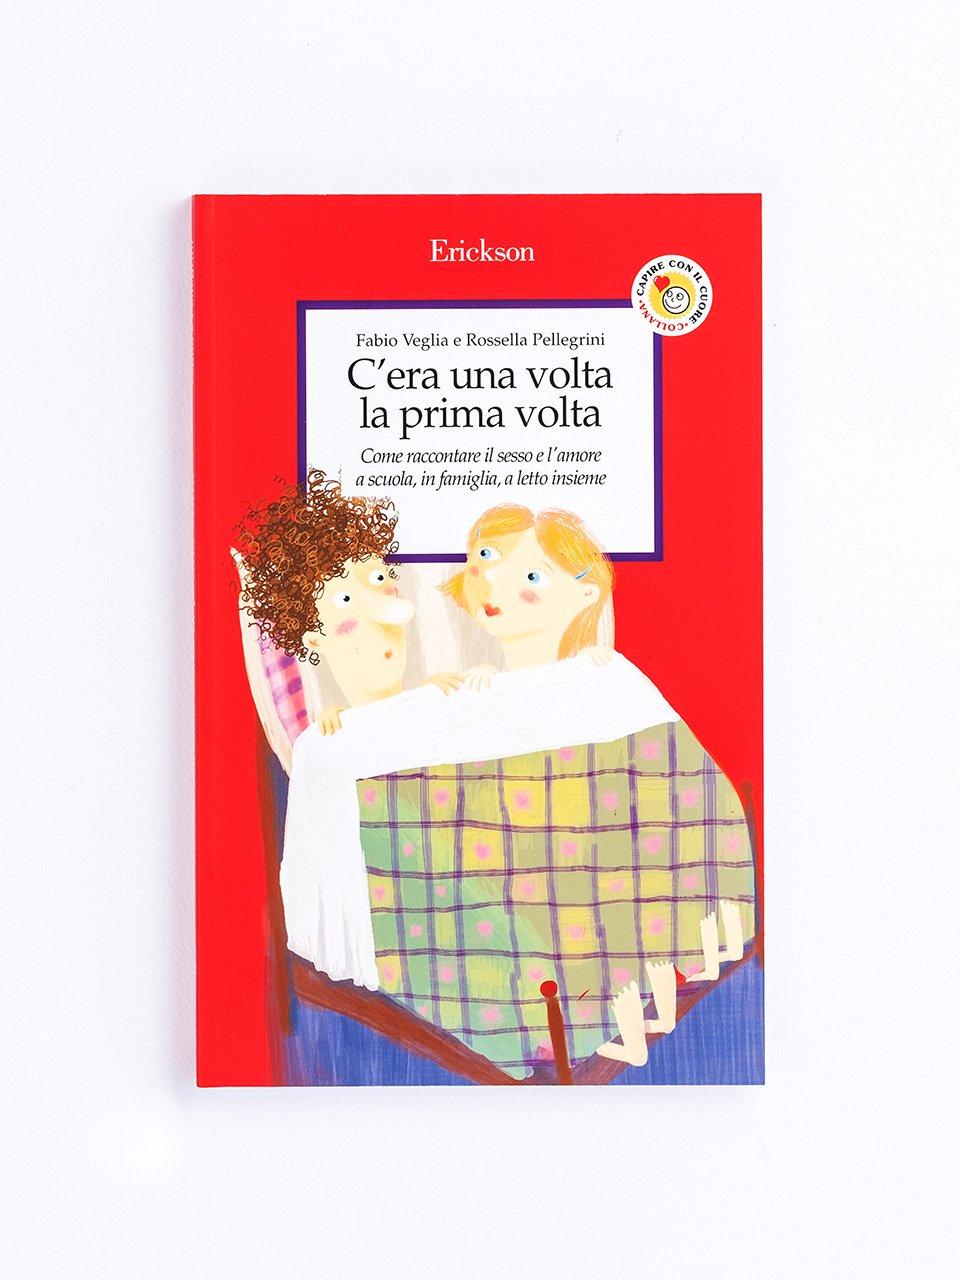 C'era una volta la prima volta - Orientamento sessuale e identità di genere - Libri - Erickson